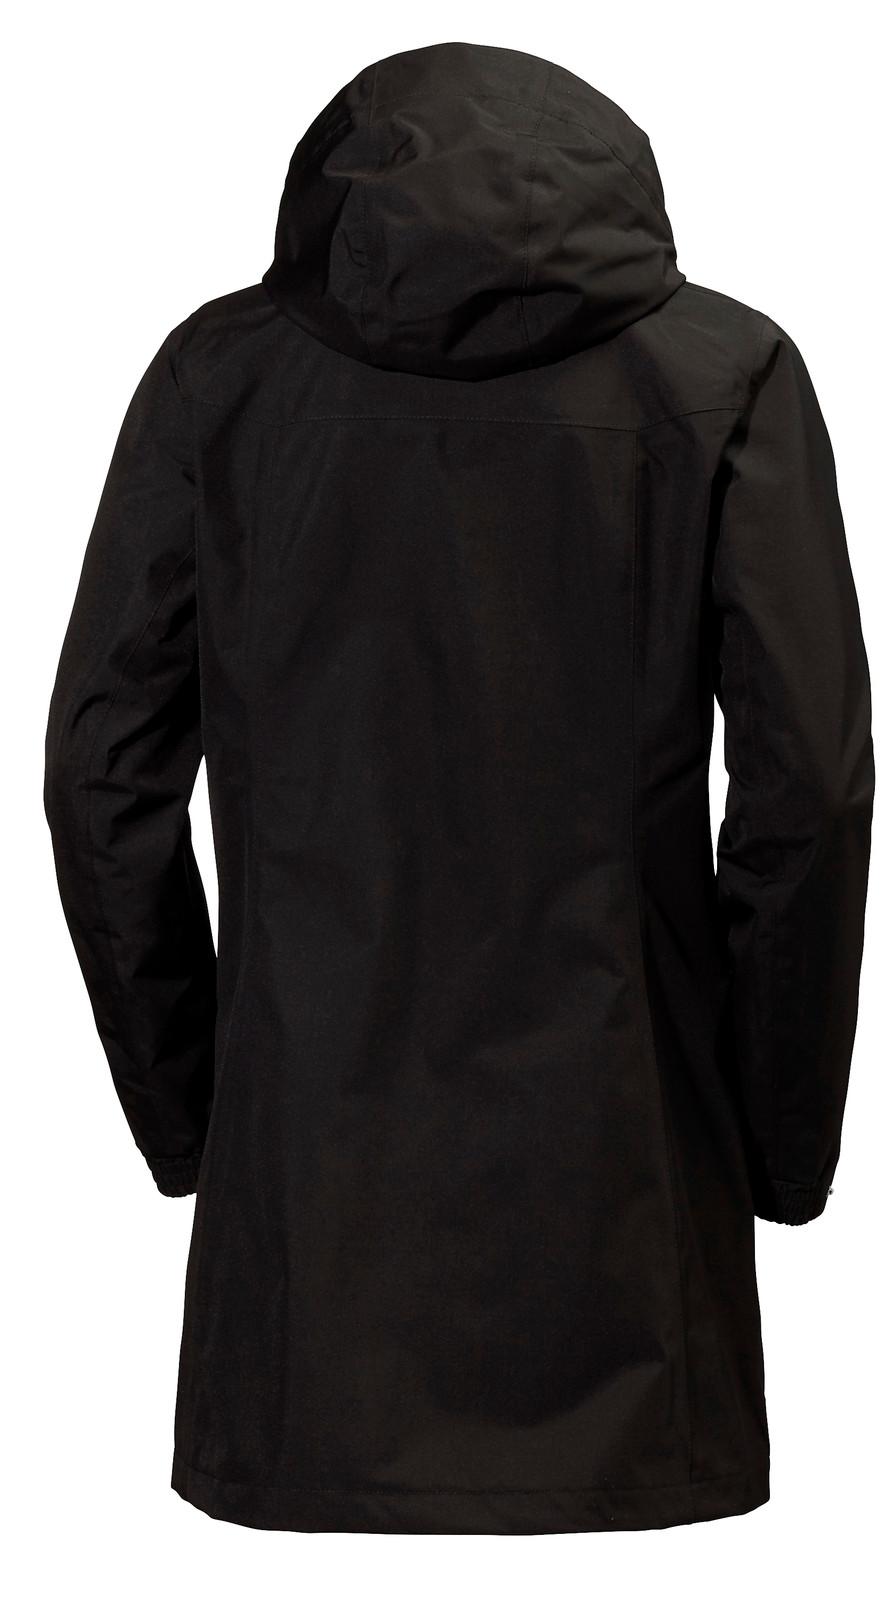 Helly Hansen Aden Long Coat, Women's - Black, 62648-990 (62648-990)